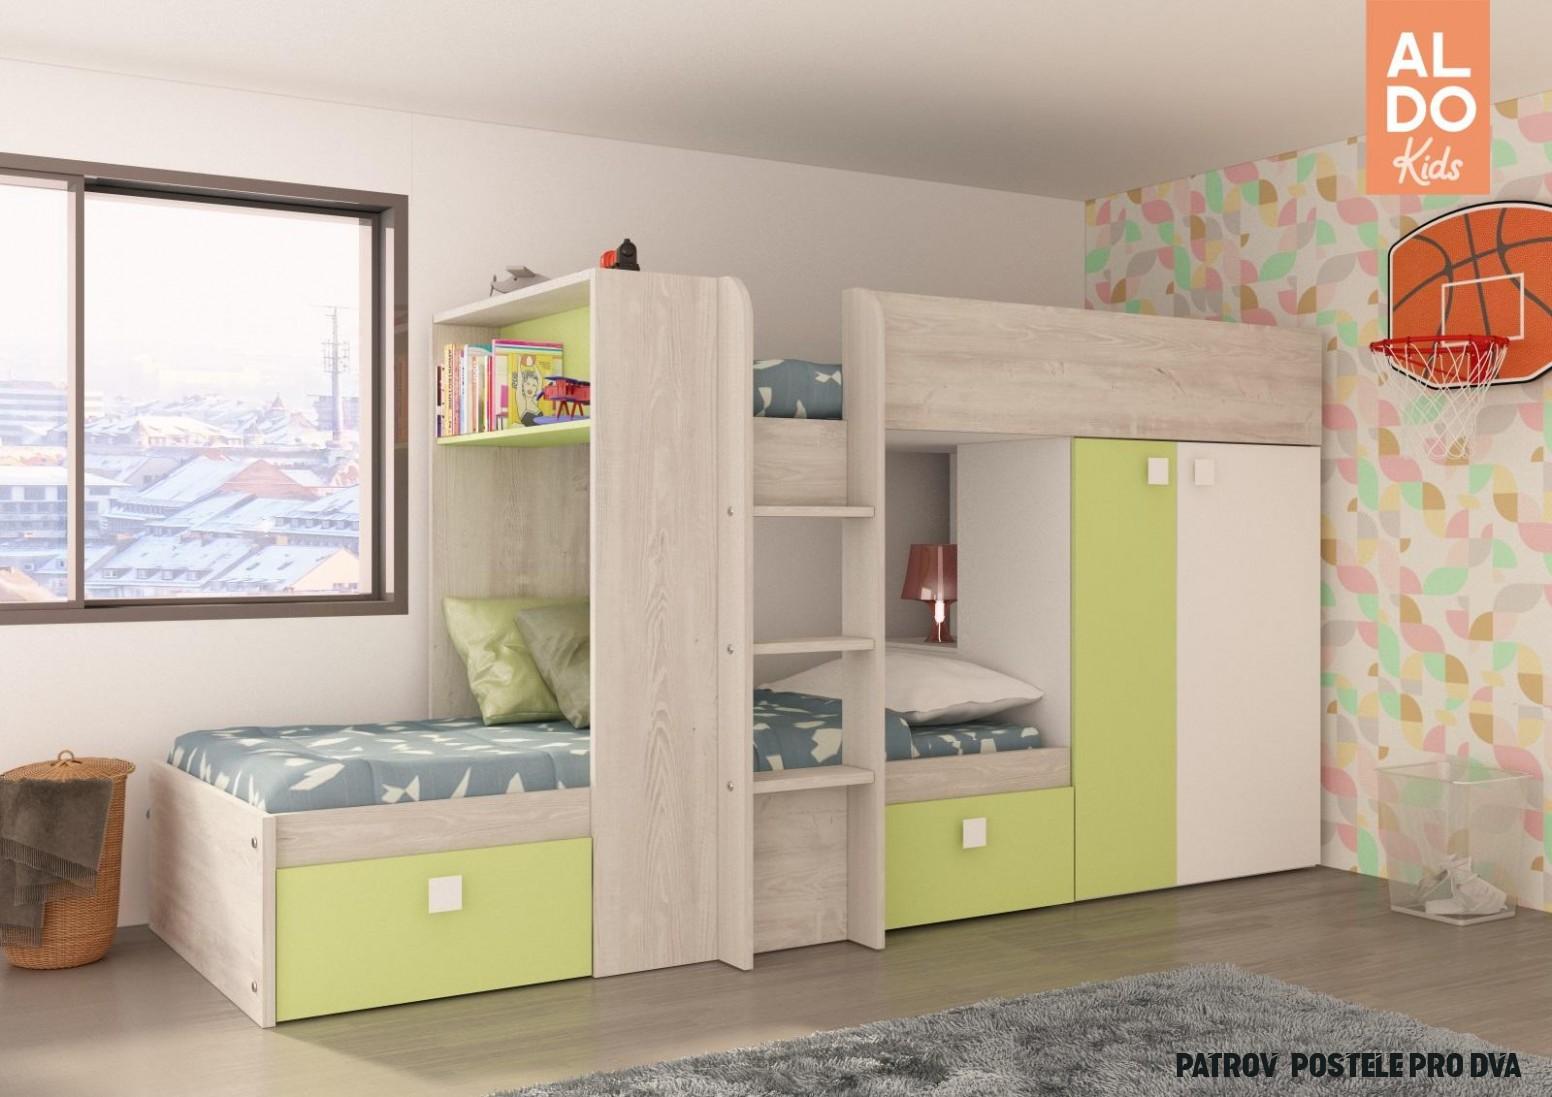 Patrová postel pro dvě děti Bo14 14x14 - světle zelená